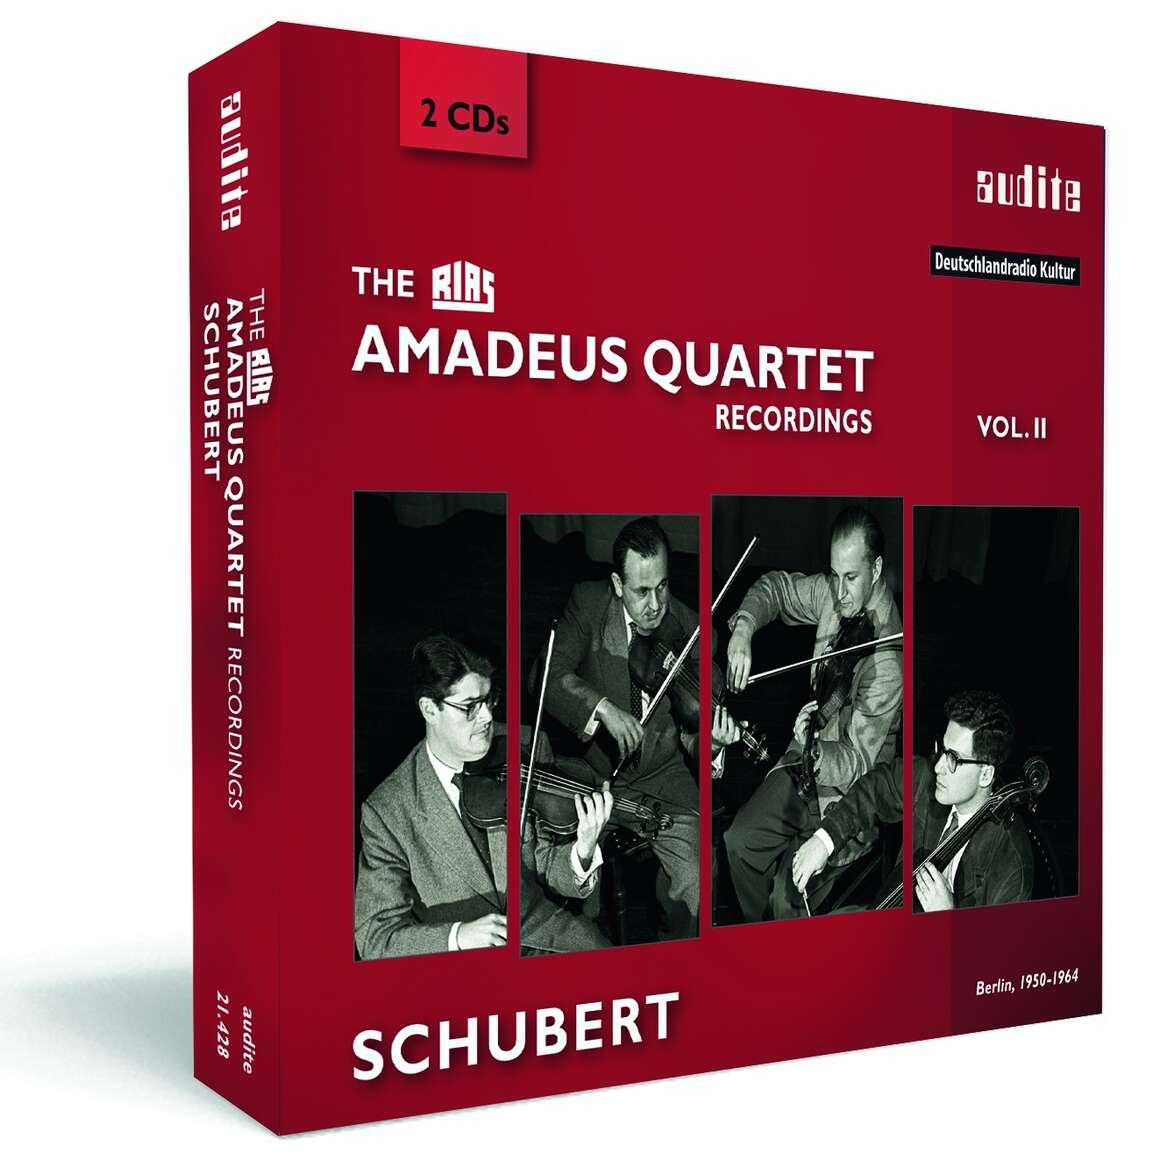 The RIAS Amadeus Quartet Schubert Recordings